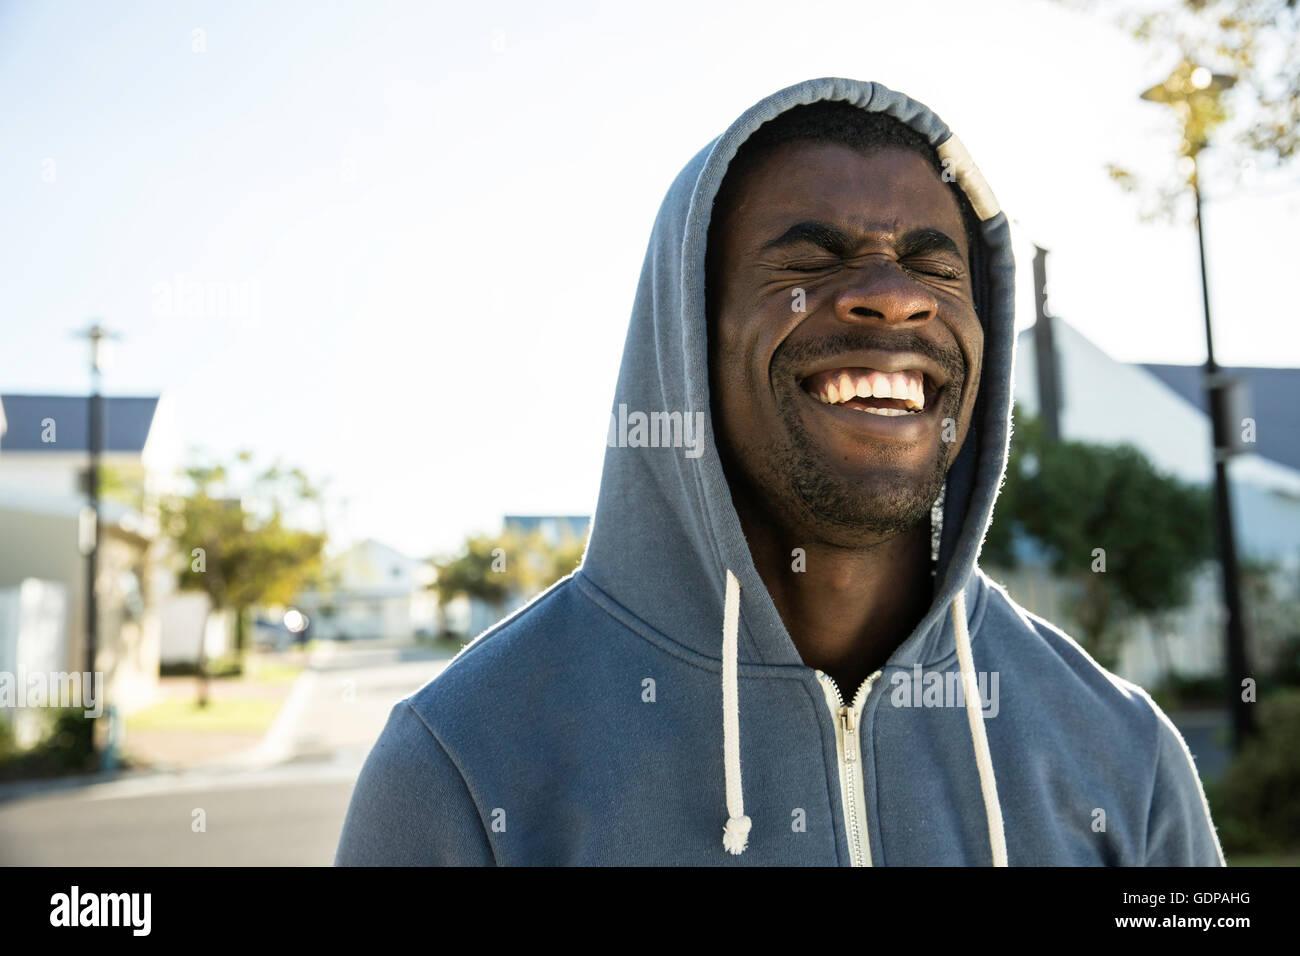 Retrato del hombre vestido con sudadera con capucha ojos cerrados riendo Imagen De Stock